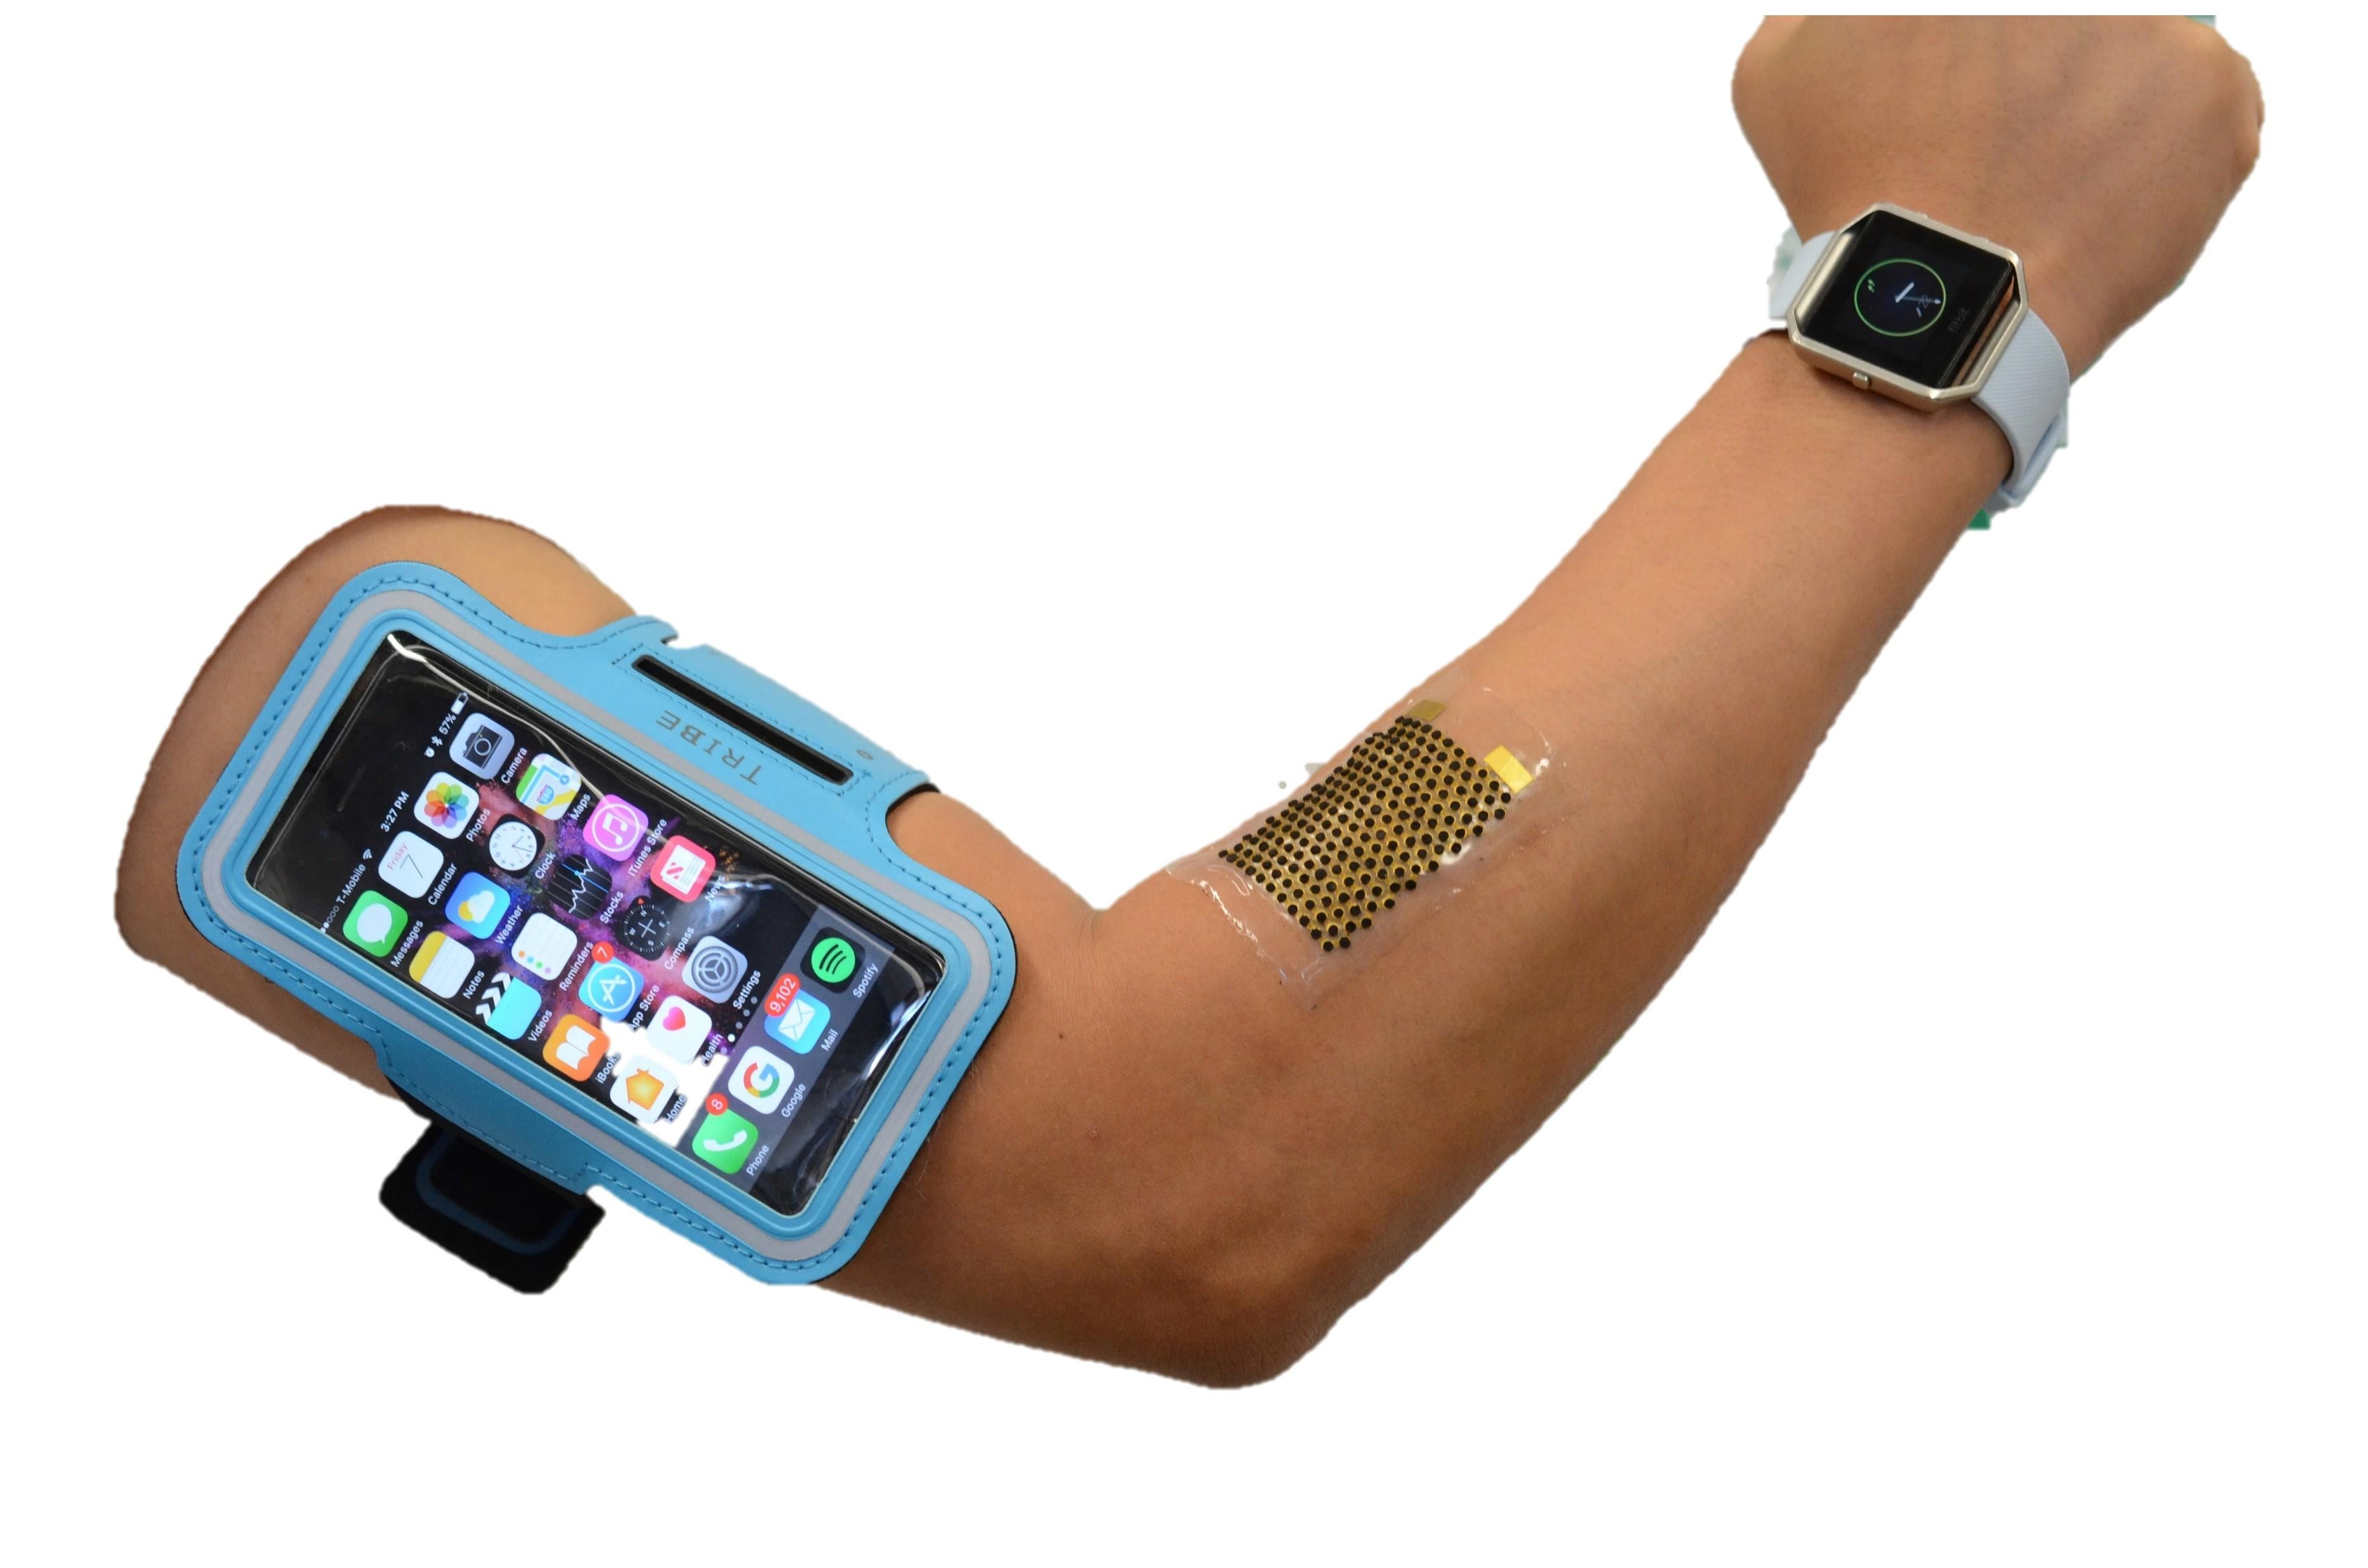 Mobilne naprave bi lahko kmalu polnili kar z našim potenjem med vadbo.